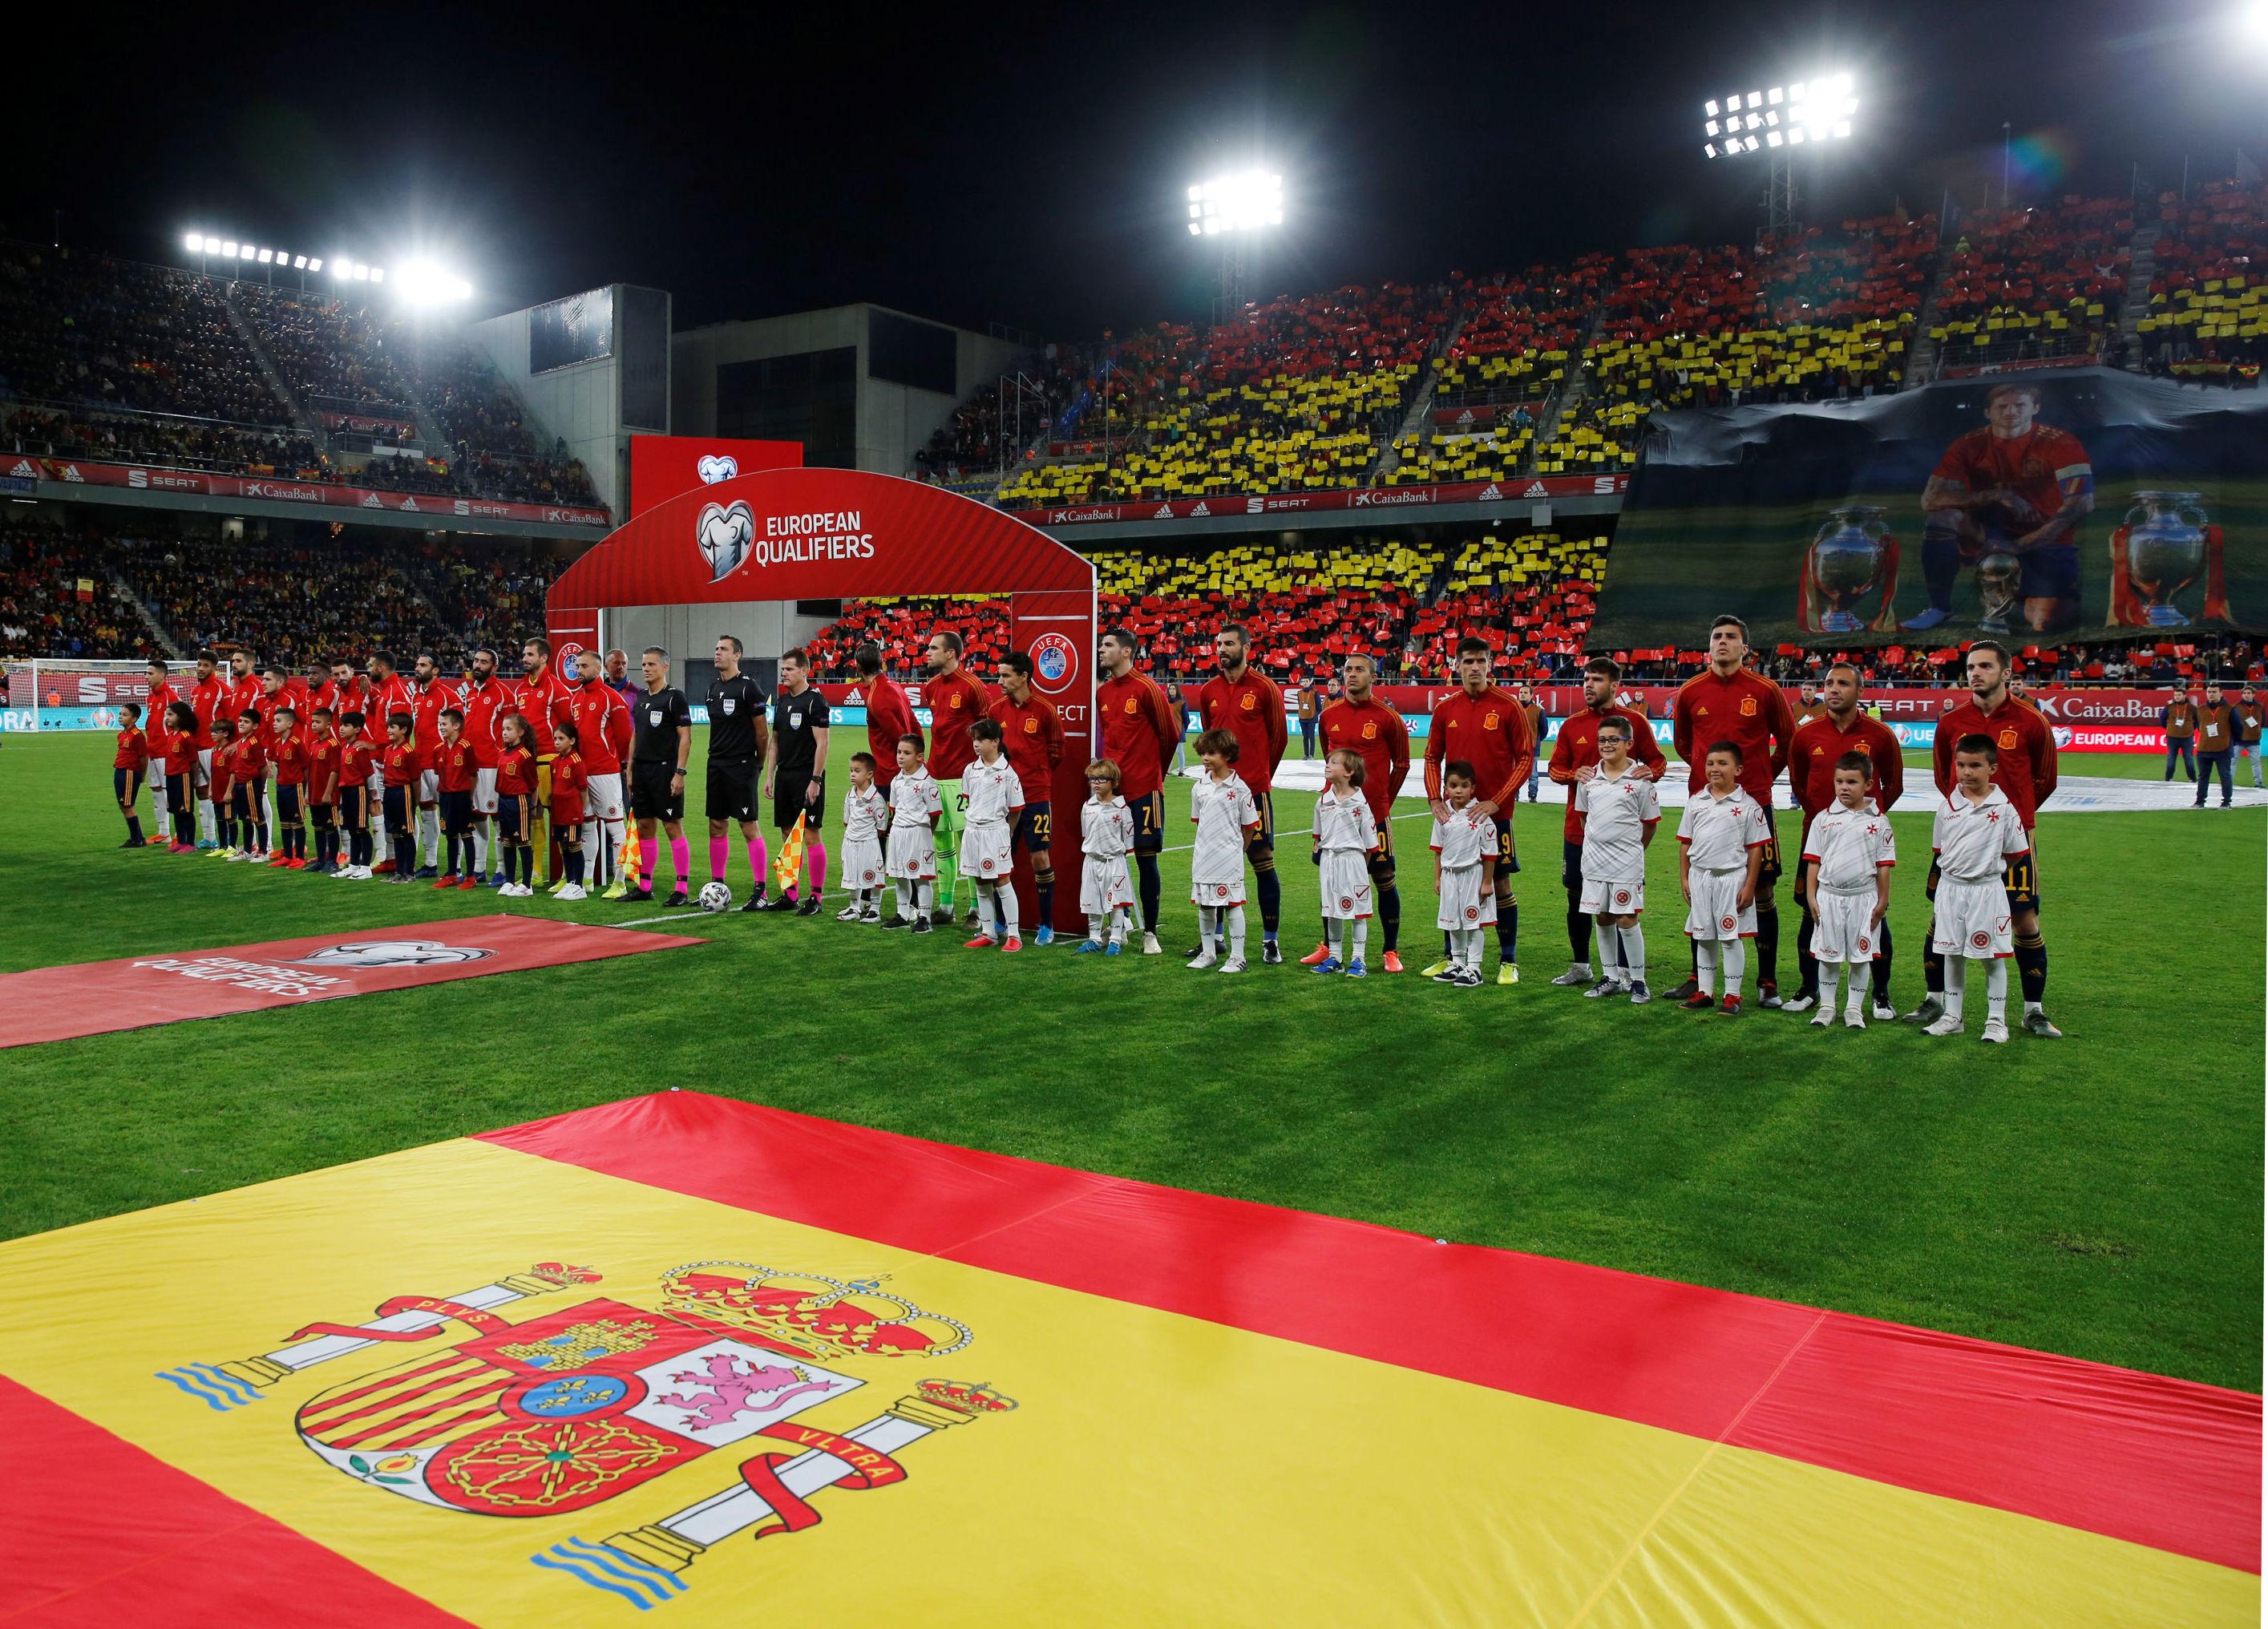 Partido entre las selecciones de fútbol de España y Malta